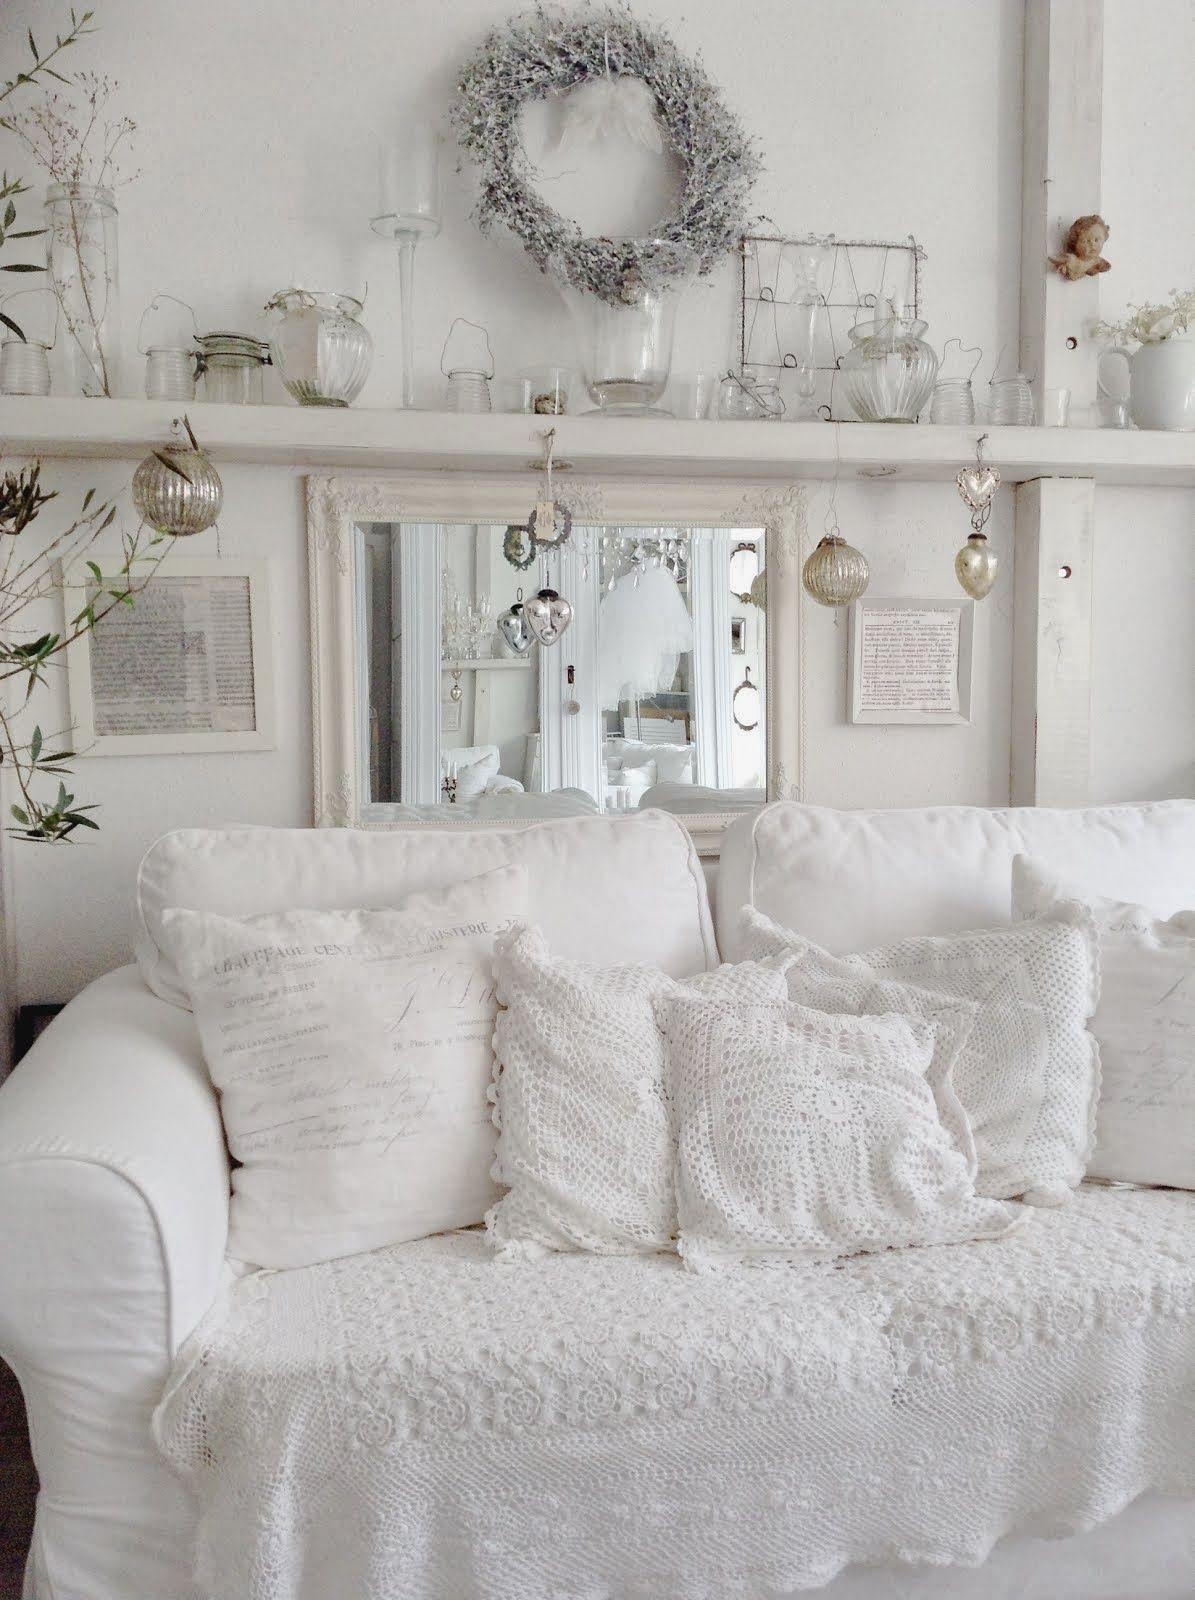 wohnzimmer deko shabby shabby chic wohnzimmer wohnzimmer einrichtungsideen. Black Bedroom Furniture Sets. Home Design Ideas